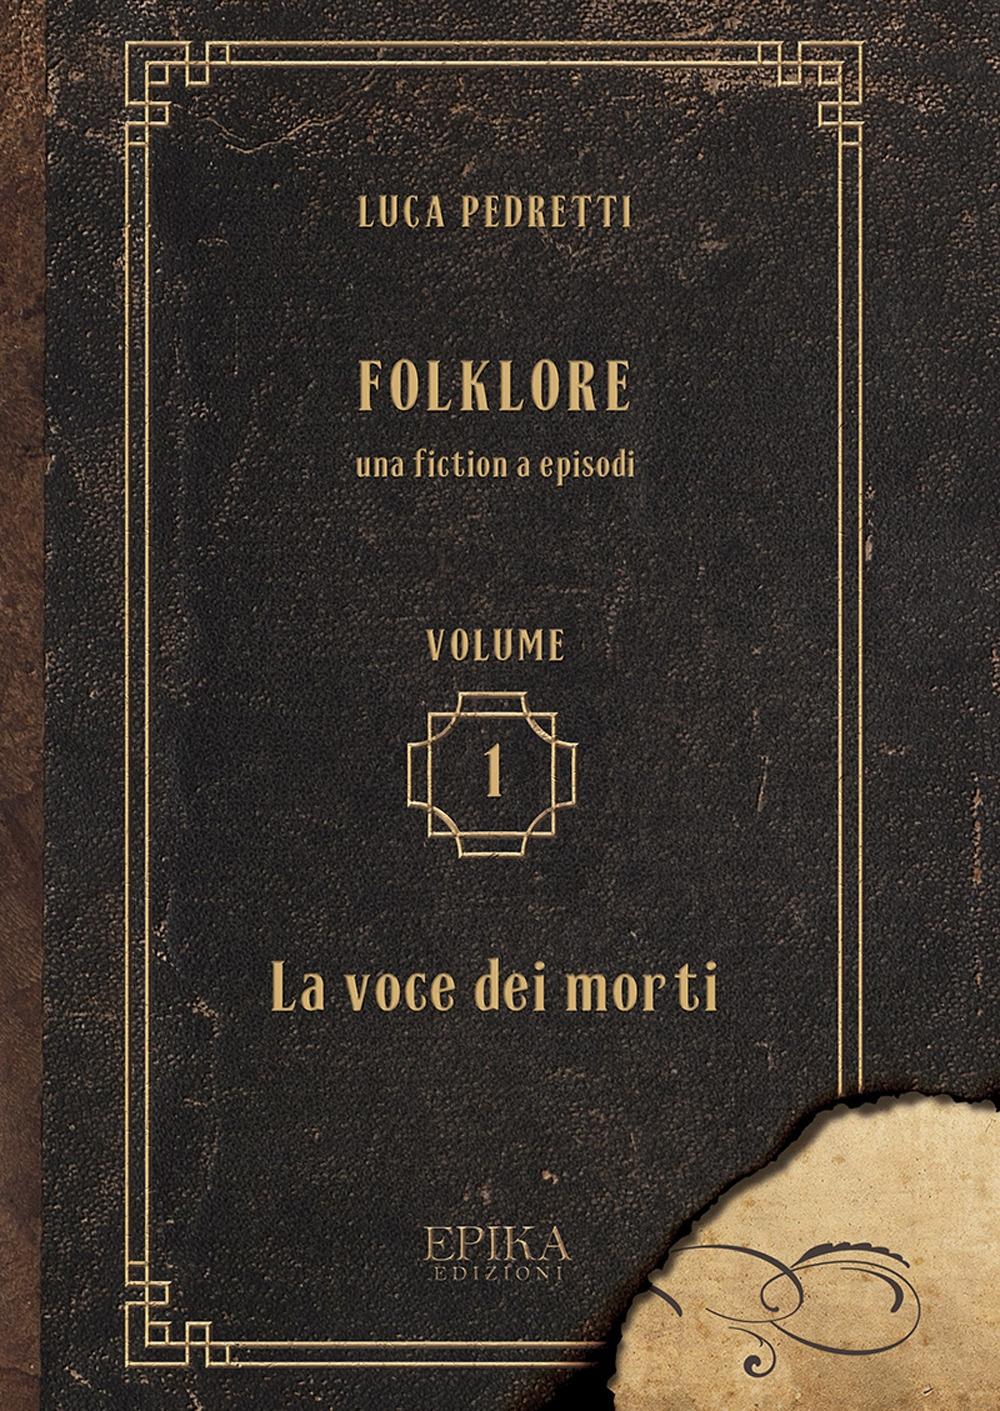 Folklore. vol. I - La voce dei morti